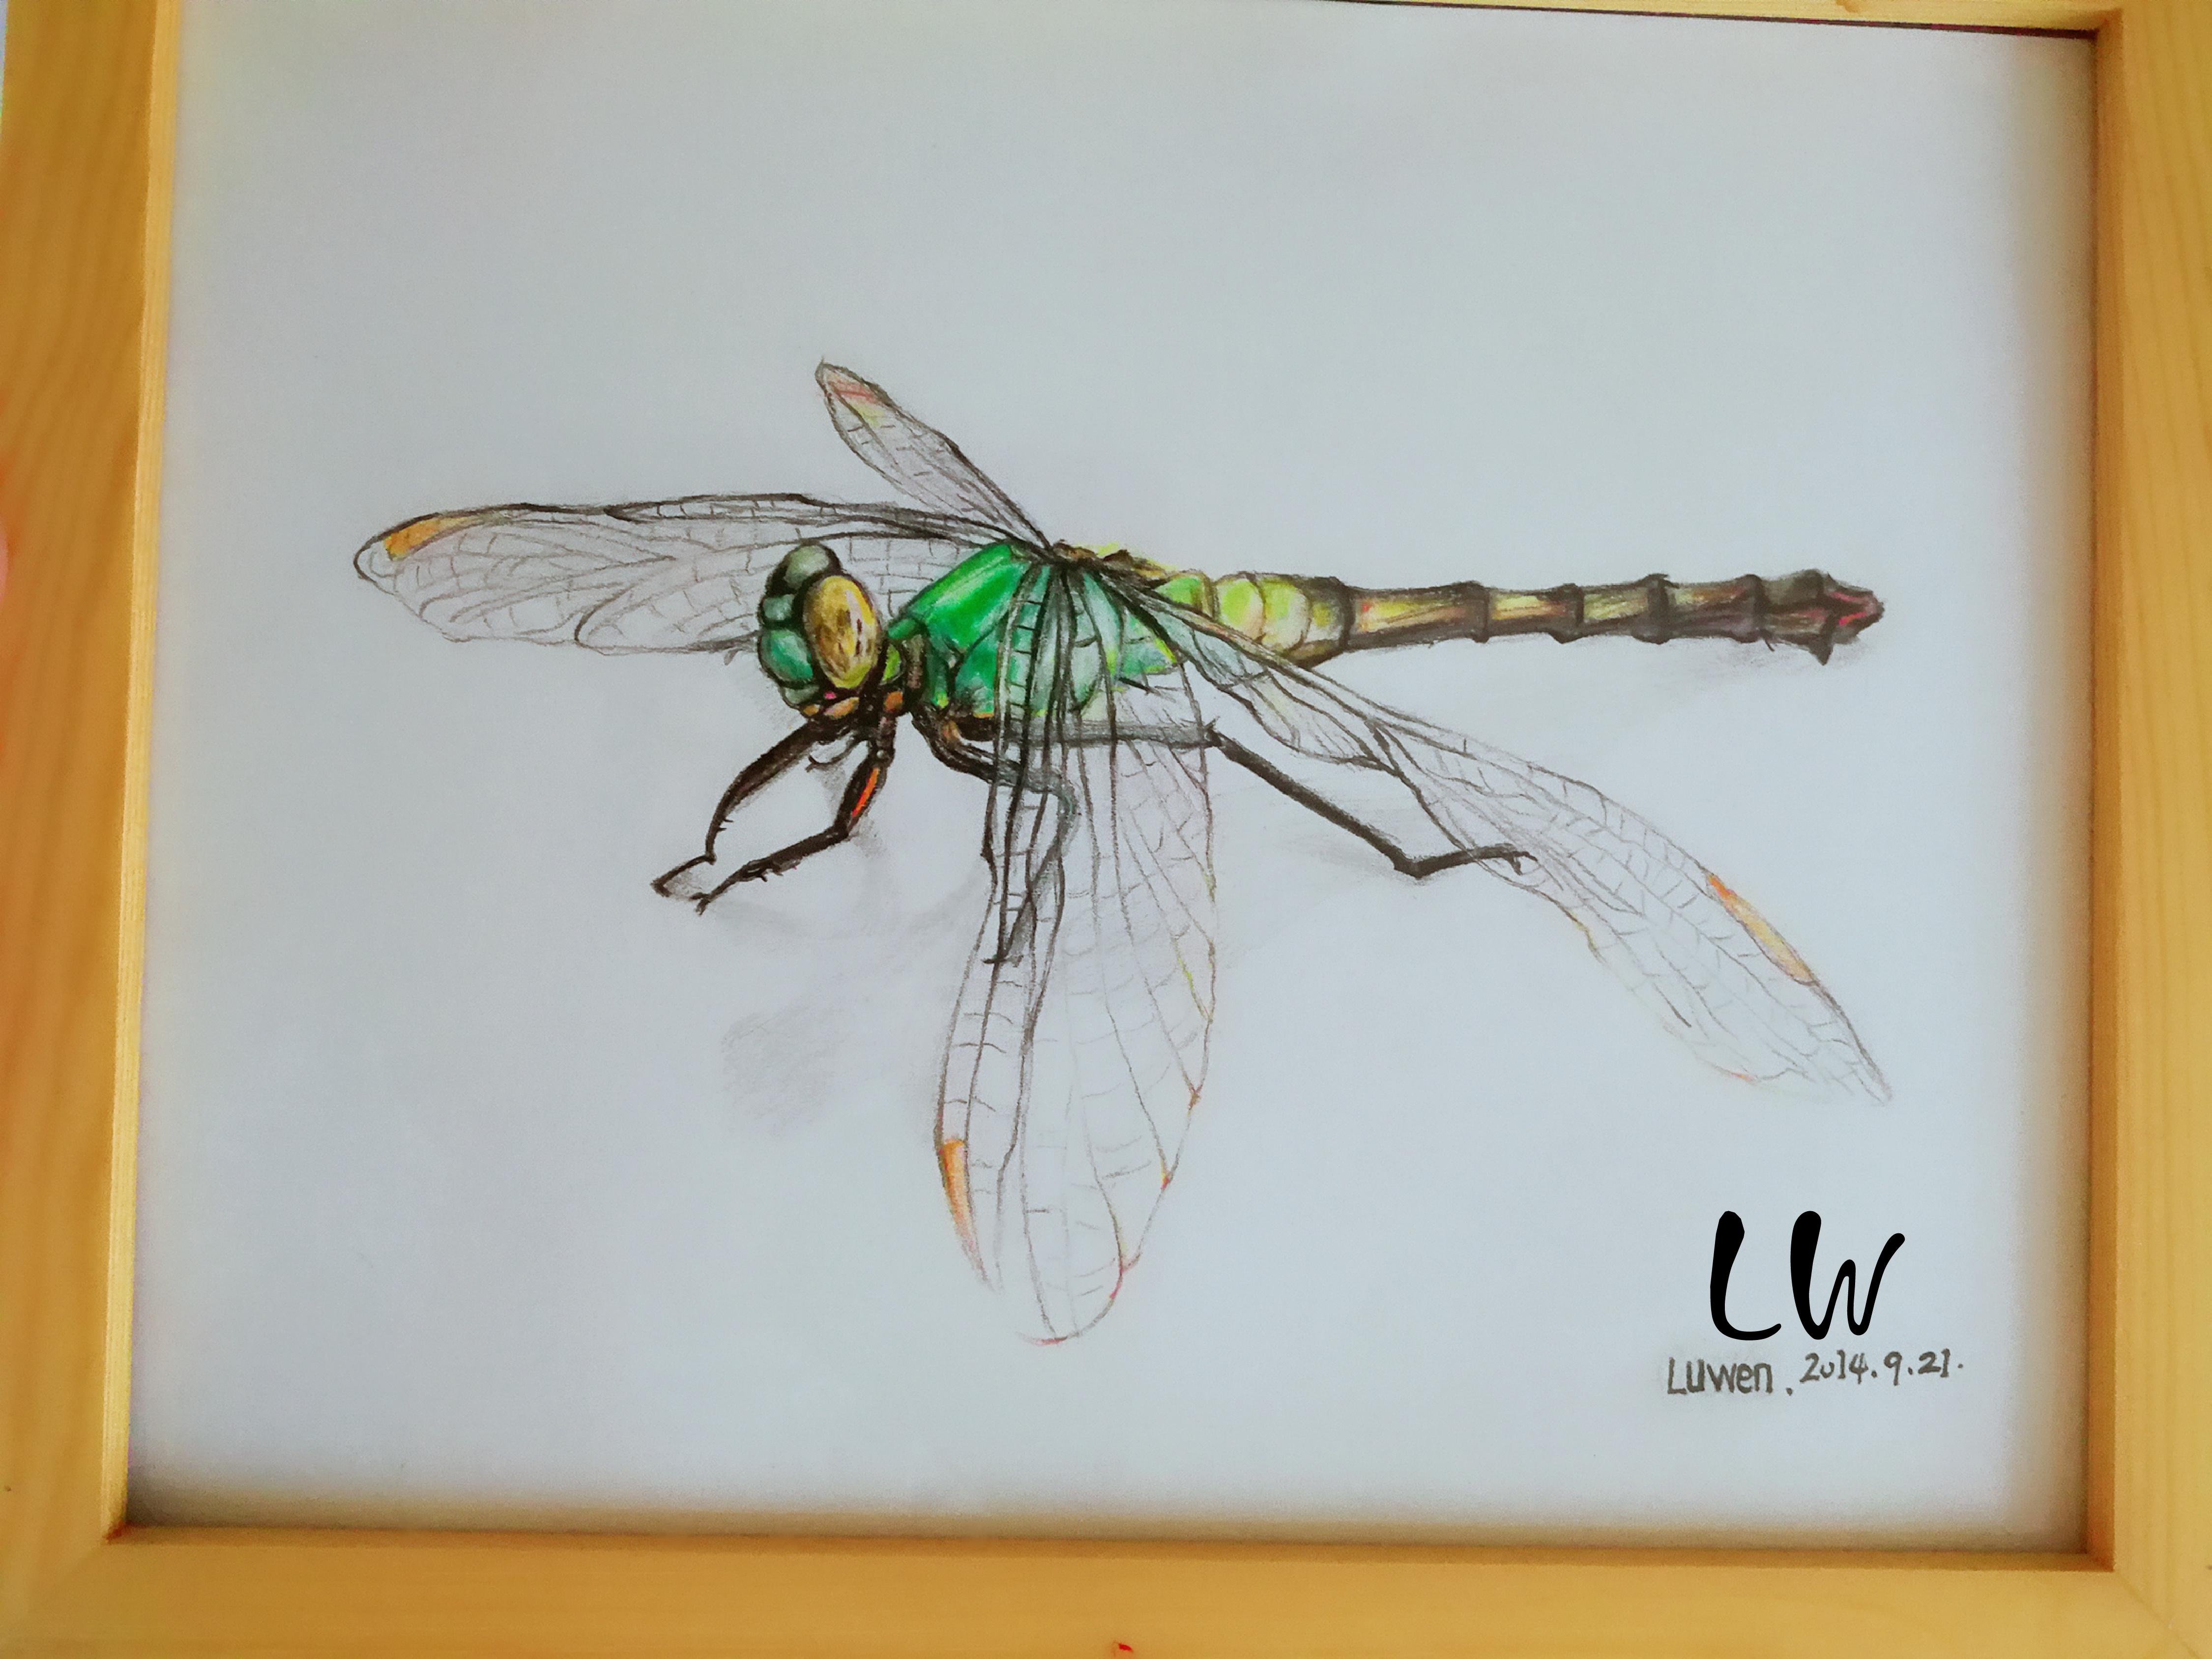 手绘彩铅小蜻蜓